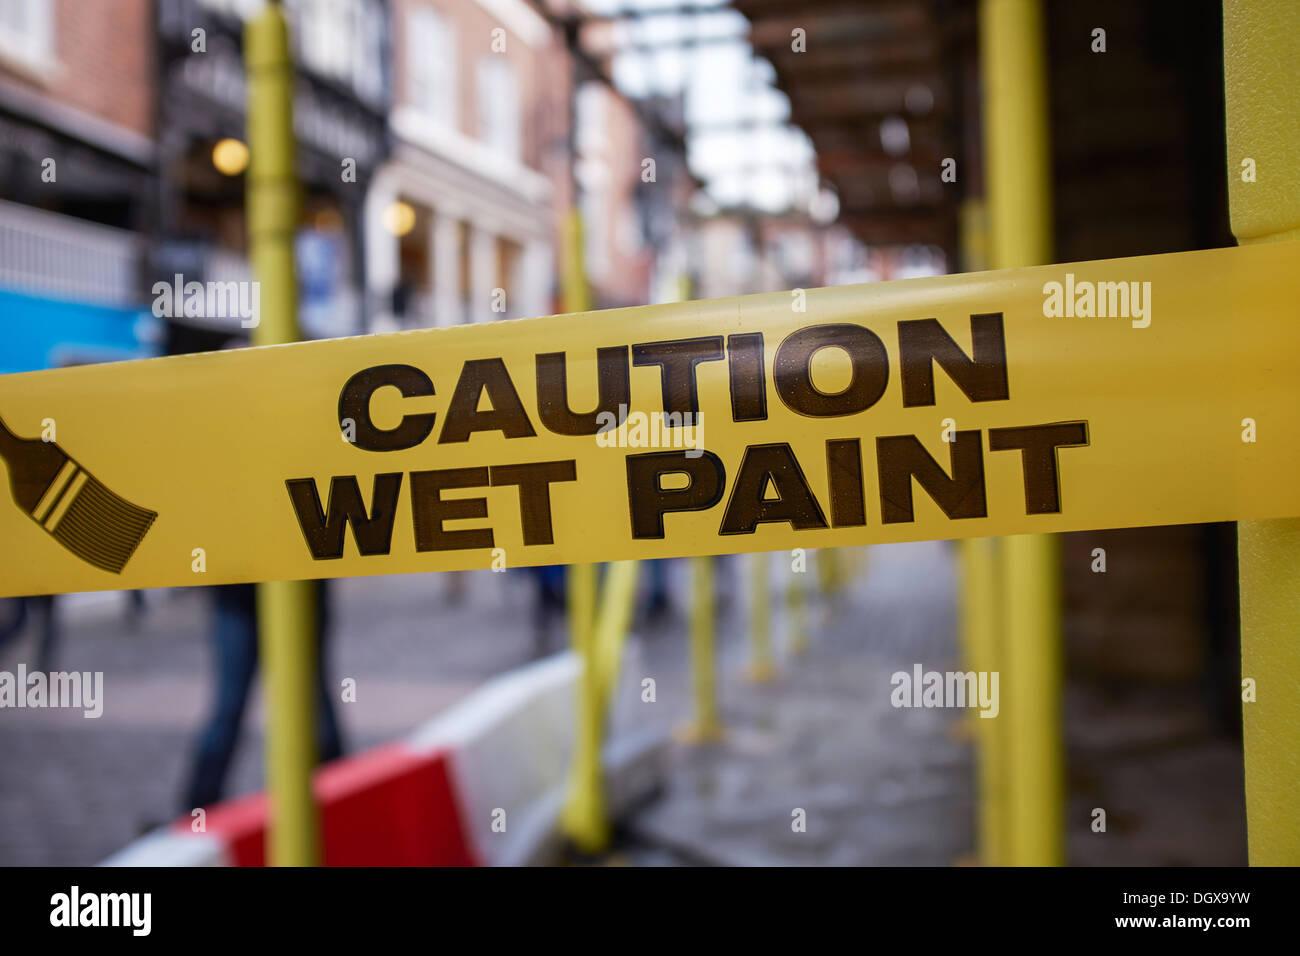 Attenzione vernice fresca Nastro di avvertenza legata intorno al ponteggio Immagini Stock